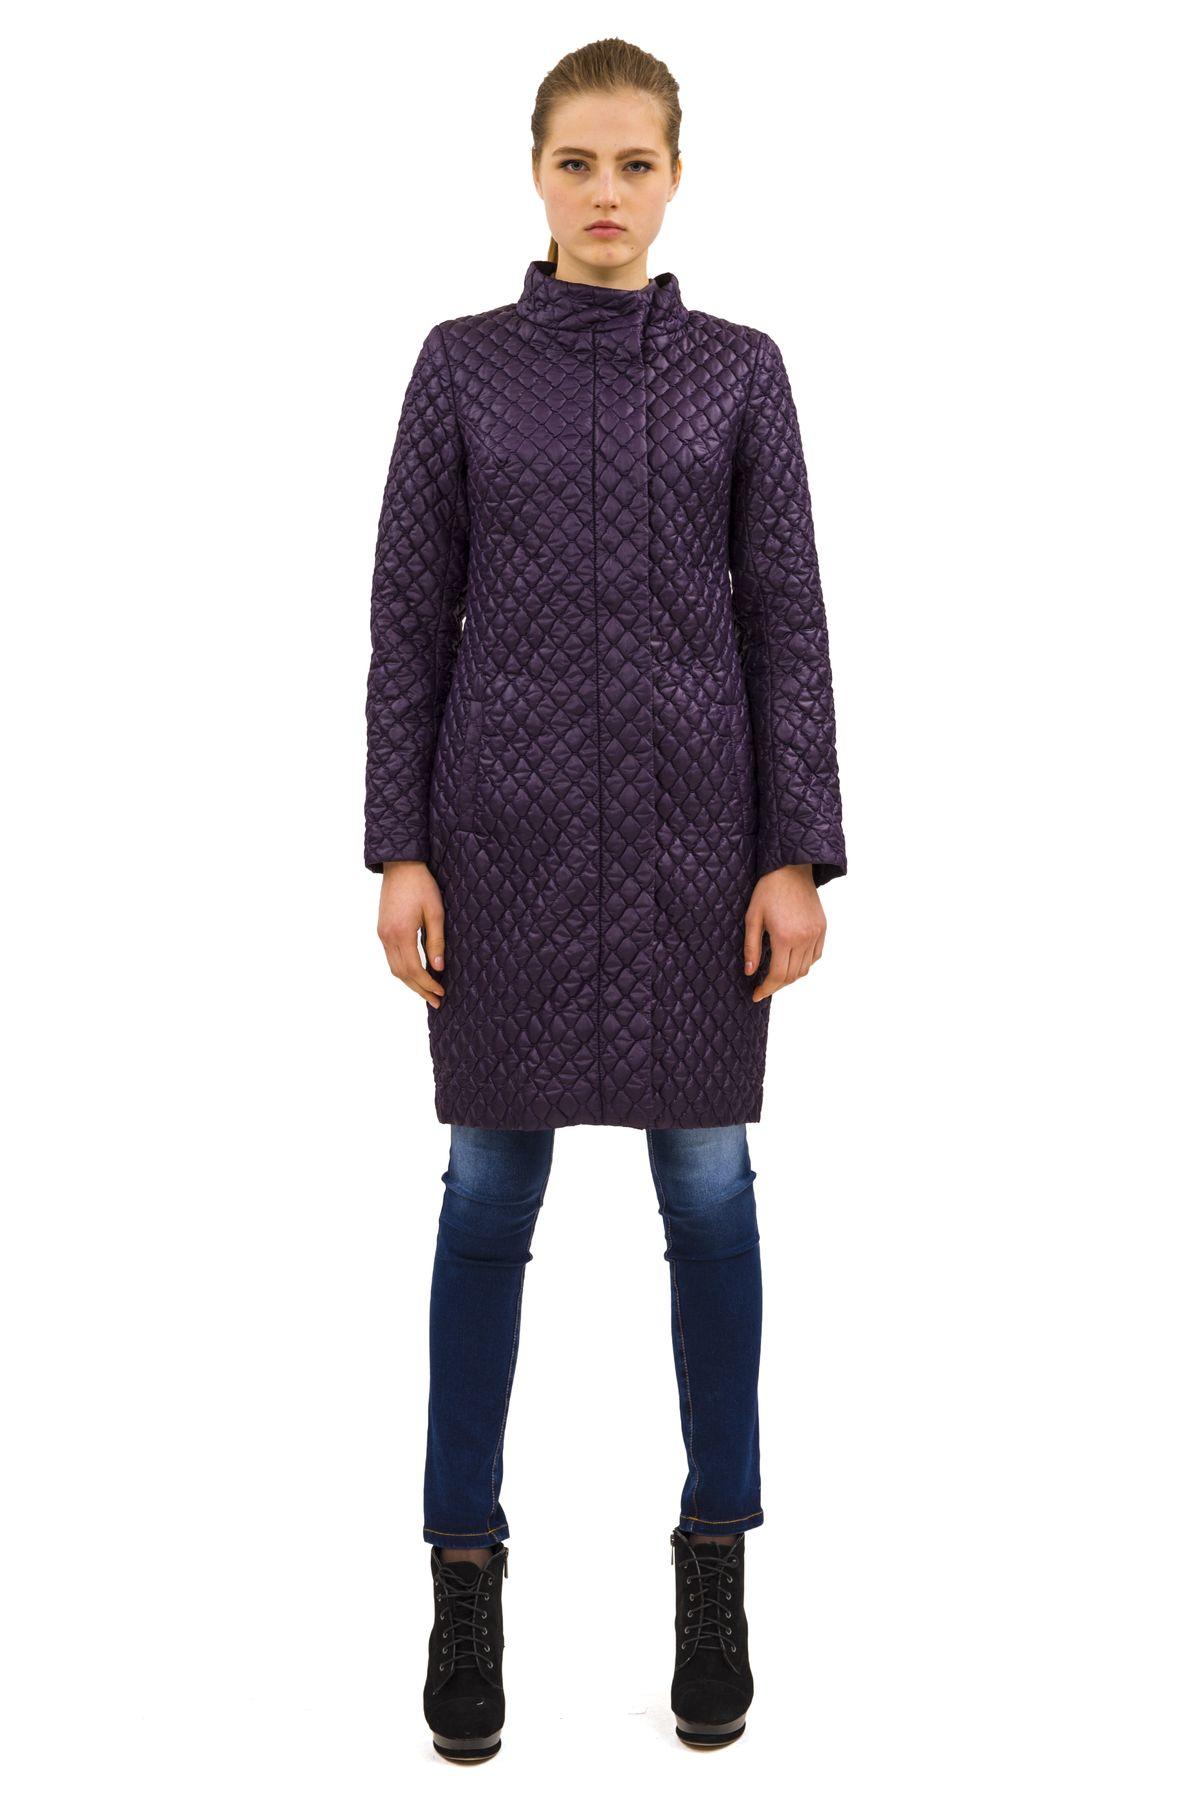 ПальтоЖенские куртки, плащи, пальто<br>Bосхитительный вариант для тех, кто предпочитает стильные решения - элегантное пальтоDoctor Eсдержанного модного дизайна, который подчеркнет Ваш безупречный вкус.<br><br>Цвет: фиолетовый<br>Состав: 100%полиэстер, подкладка - 100%полиэстер<br>Размер: 40,42,46,48,50,52<br>Страна дизайна: Россия<br>Страна производства: Россия